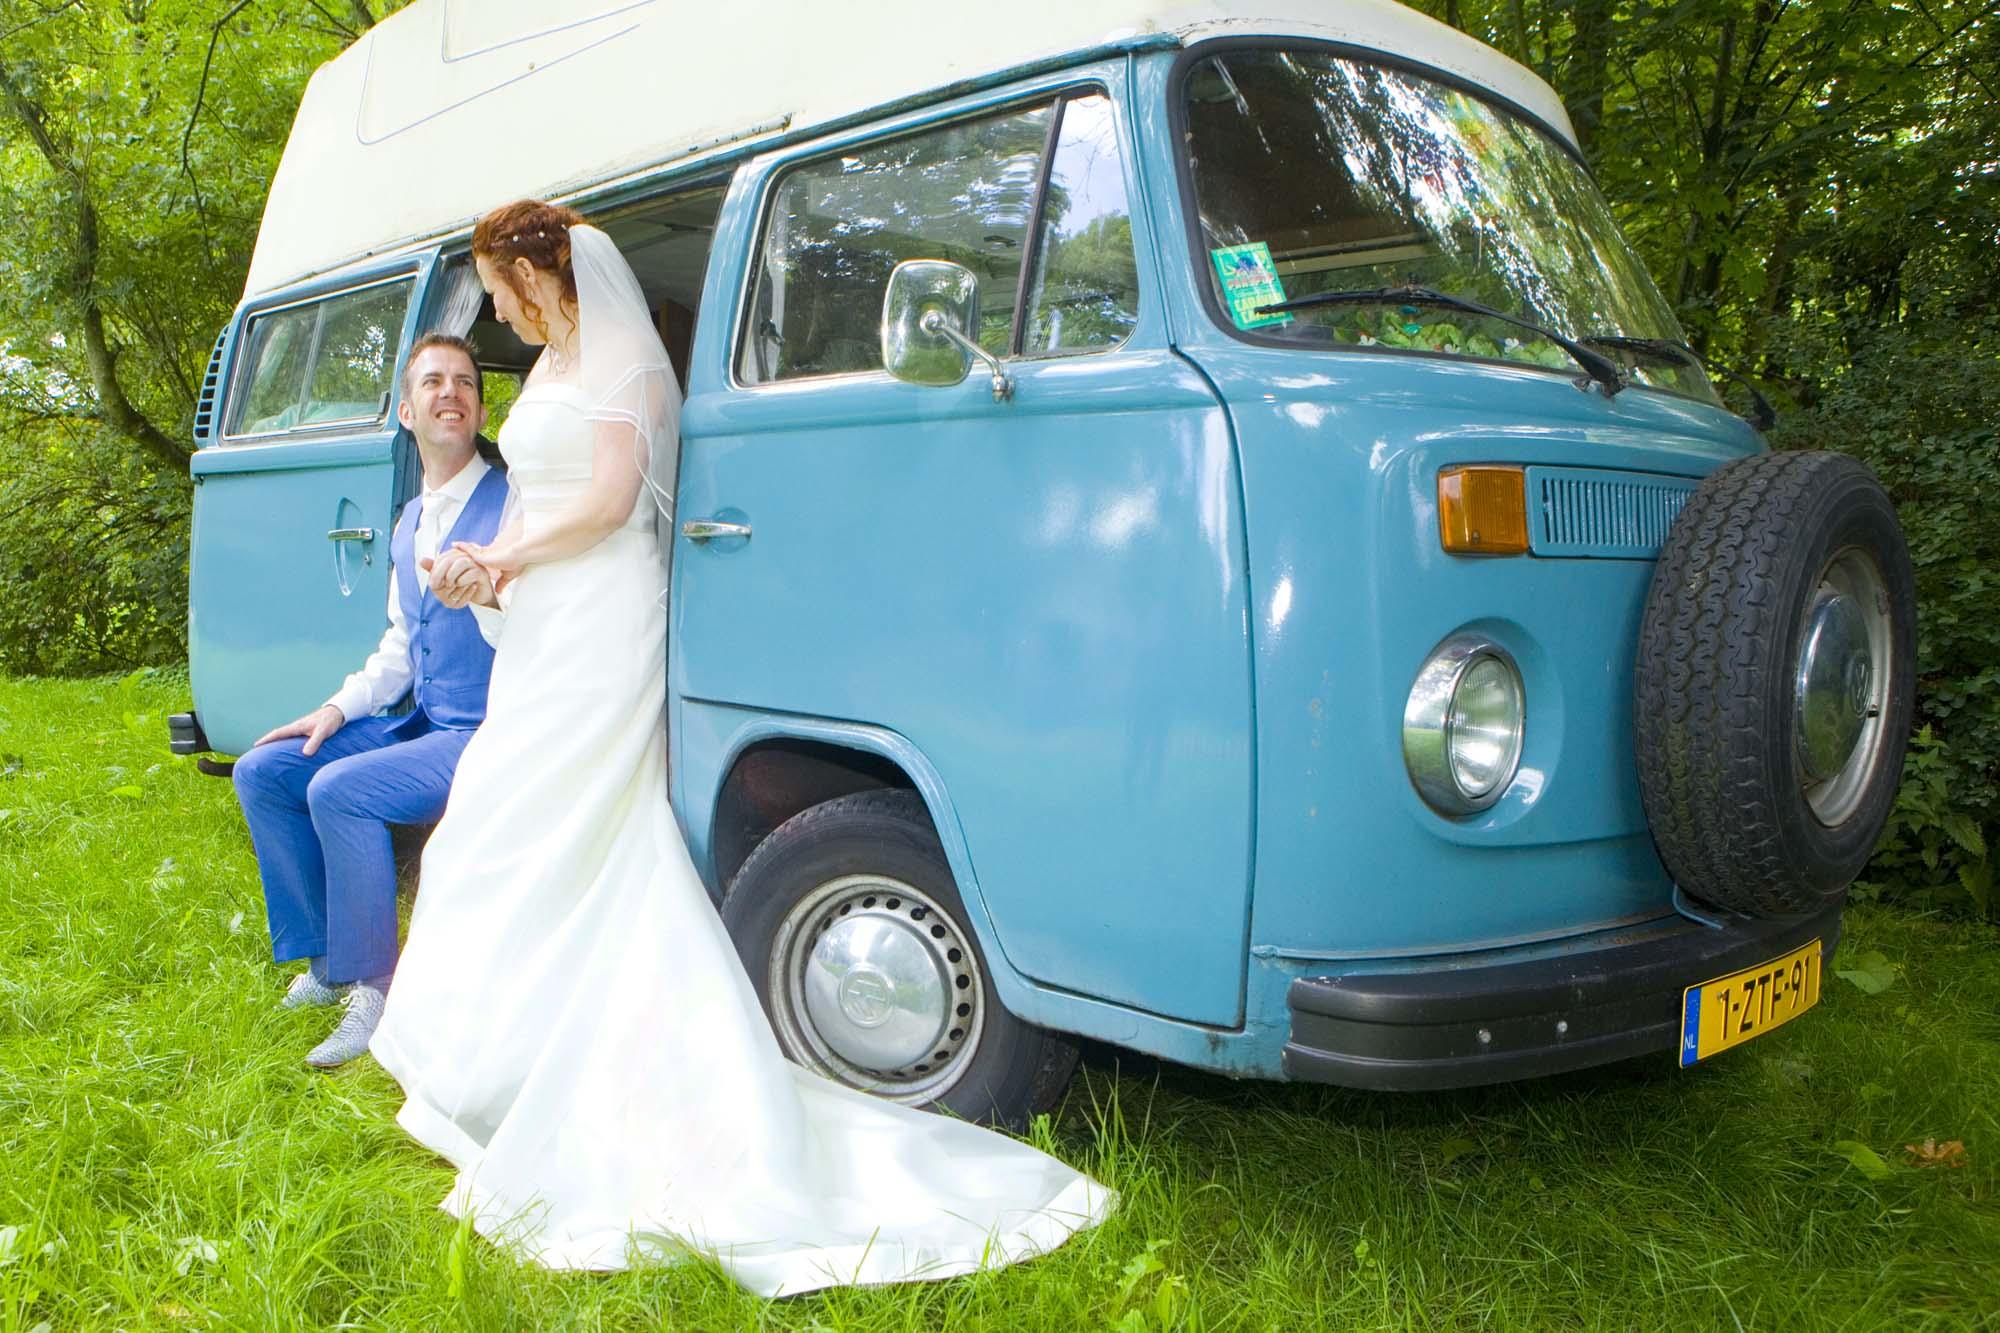 Bruidsfotografie bruiloft bruidspaar camper Volkswagenbusje buiten bos Hertenhorst Delft